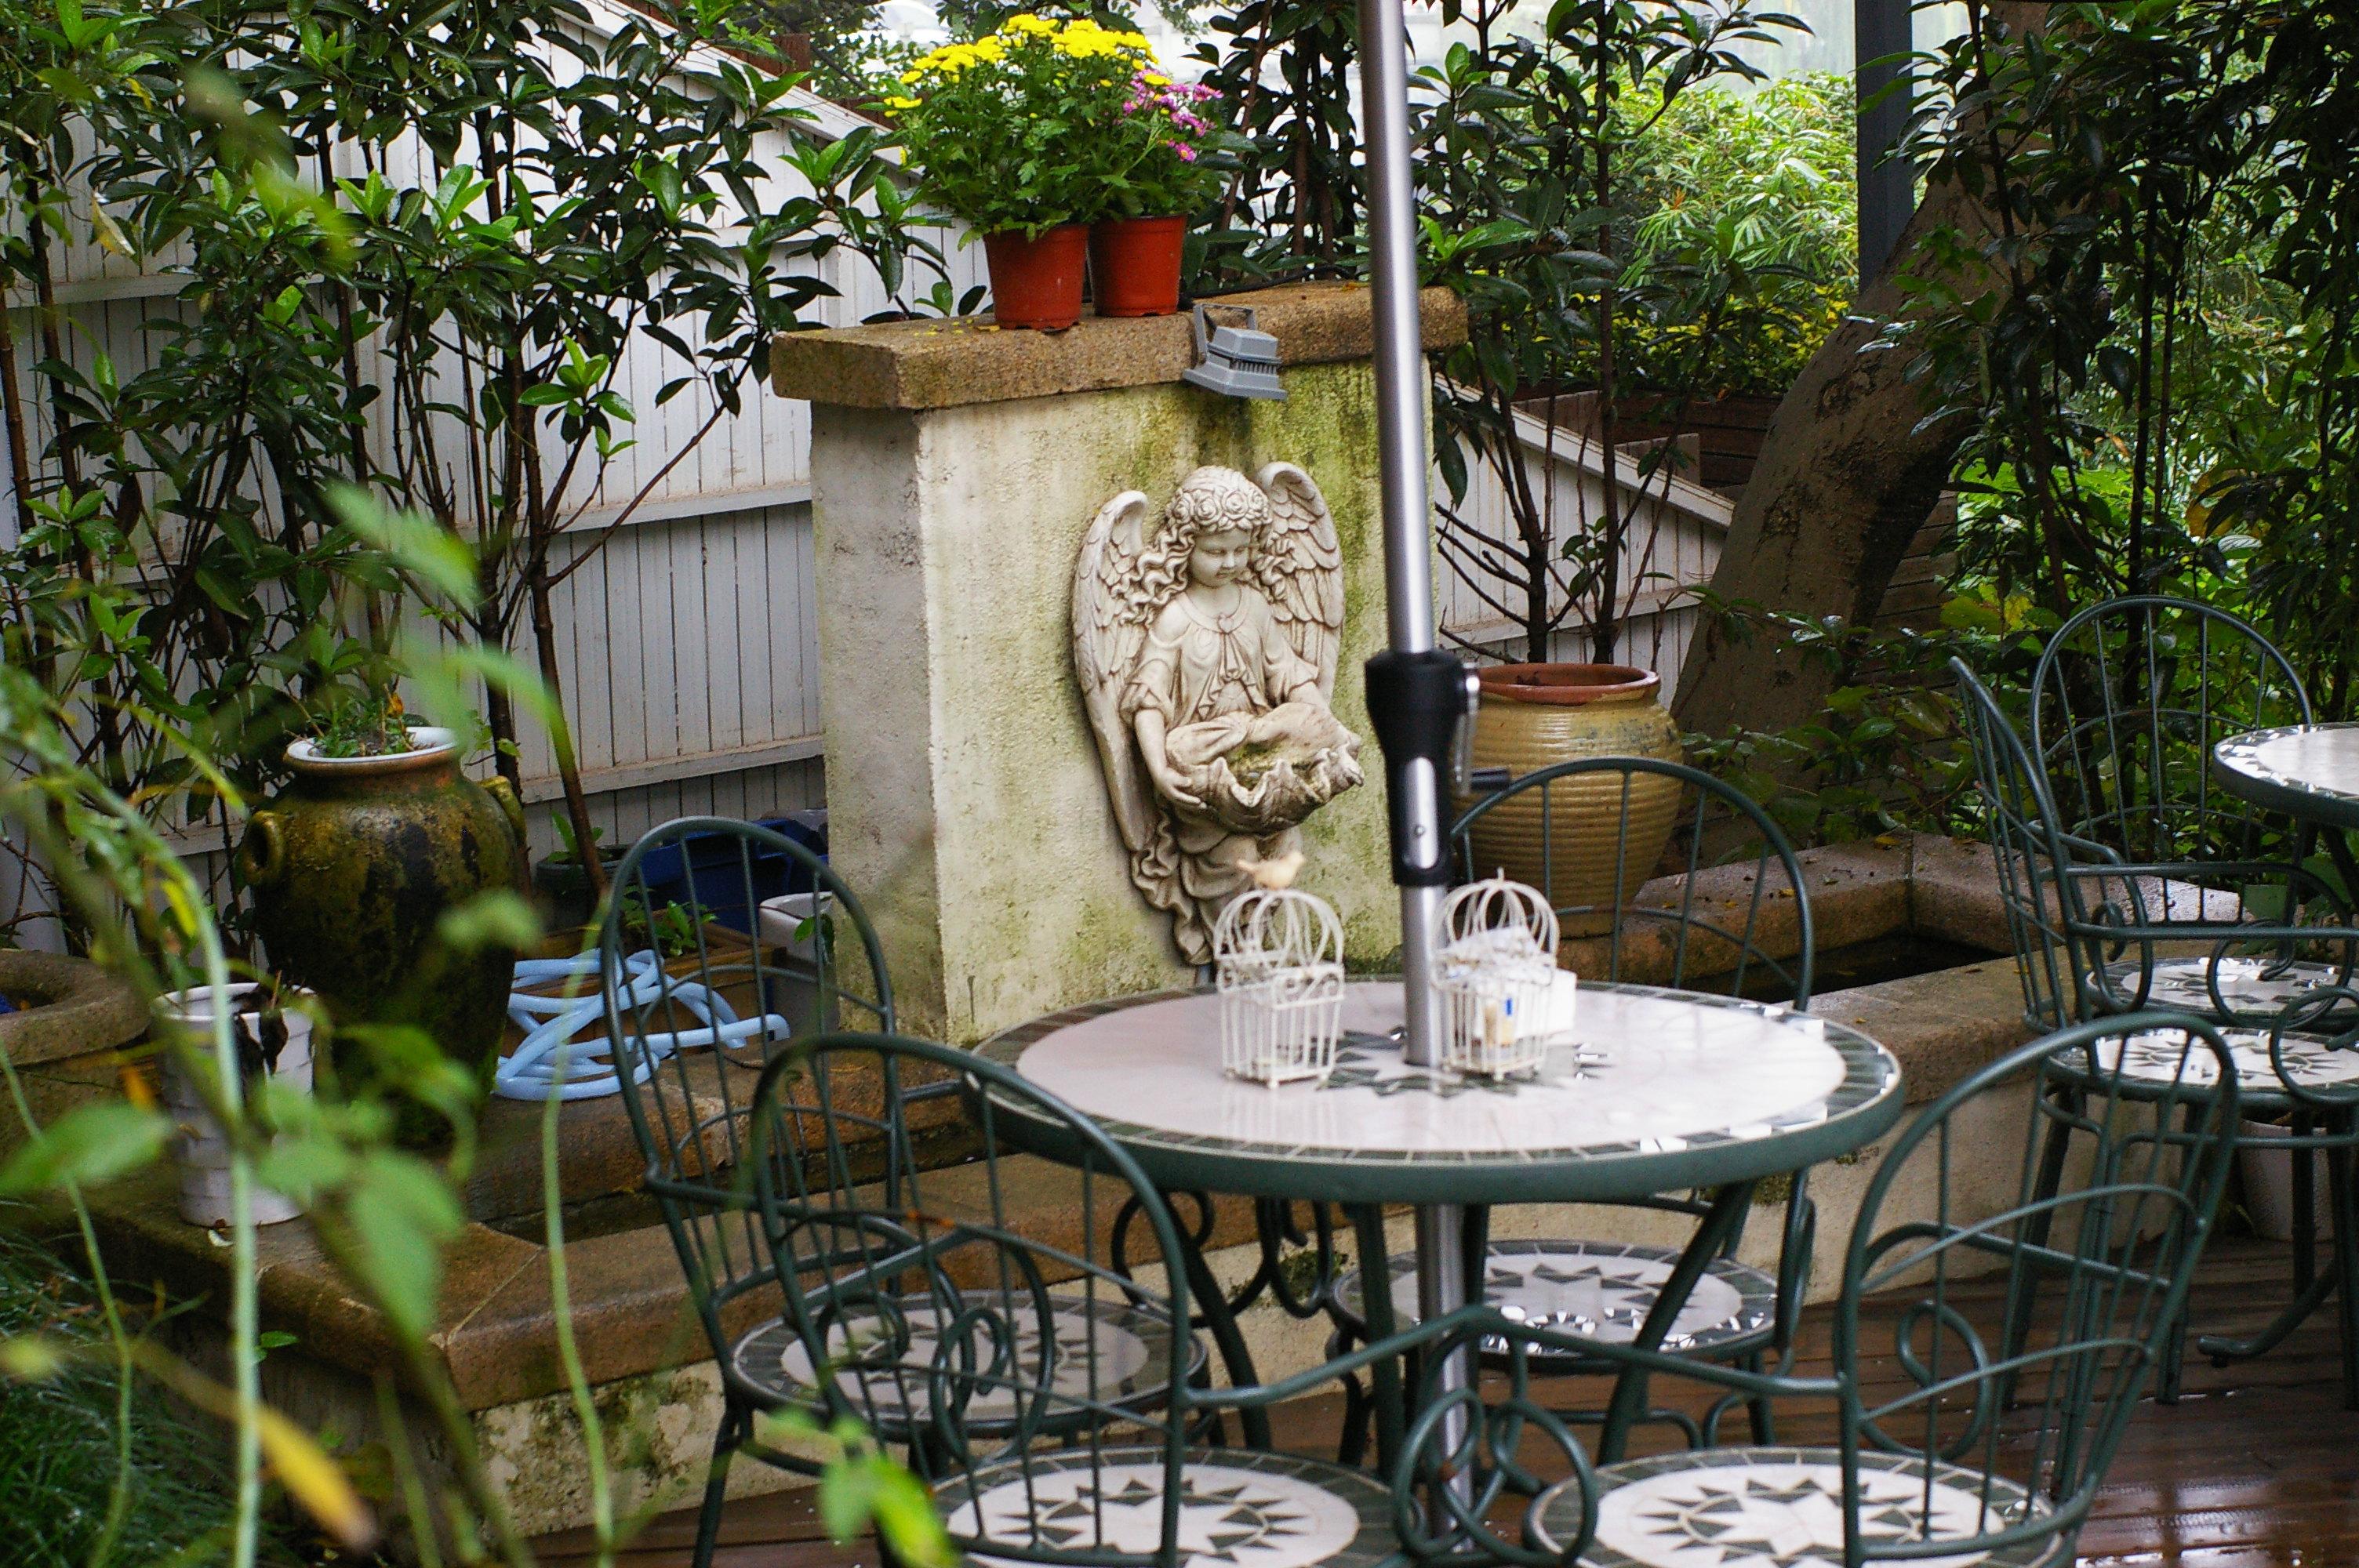 杭州青芝坞民宿,植物园山外山美食,美景可餐,恋杭州